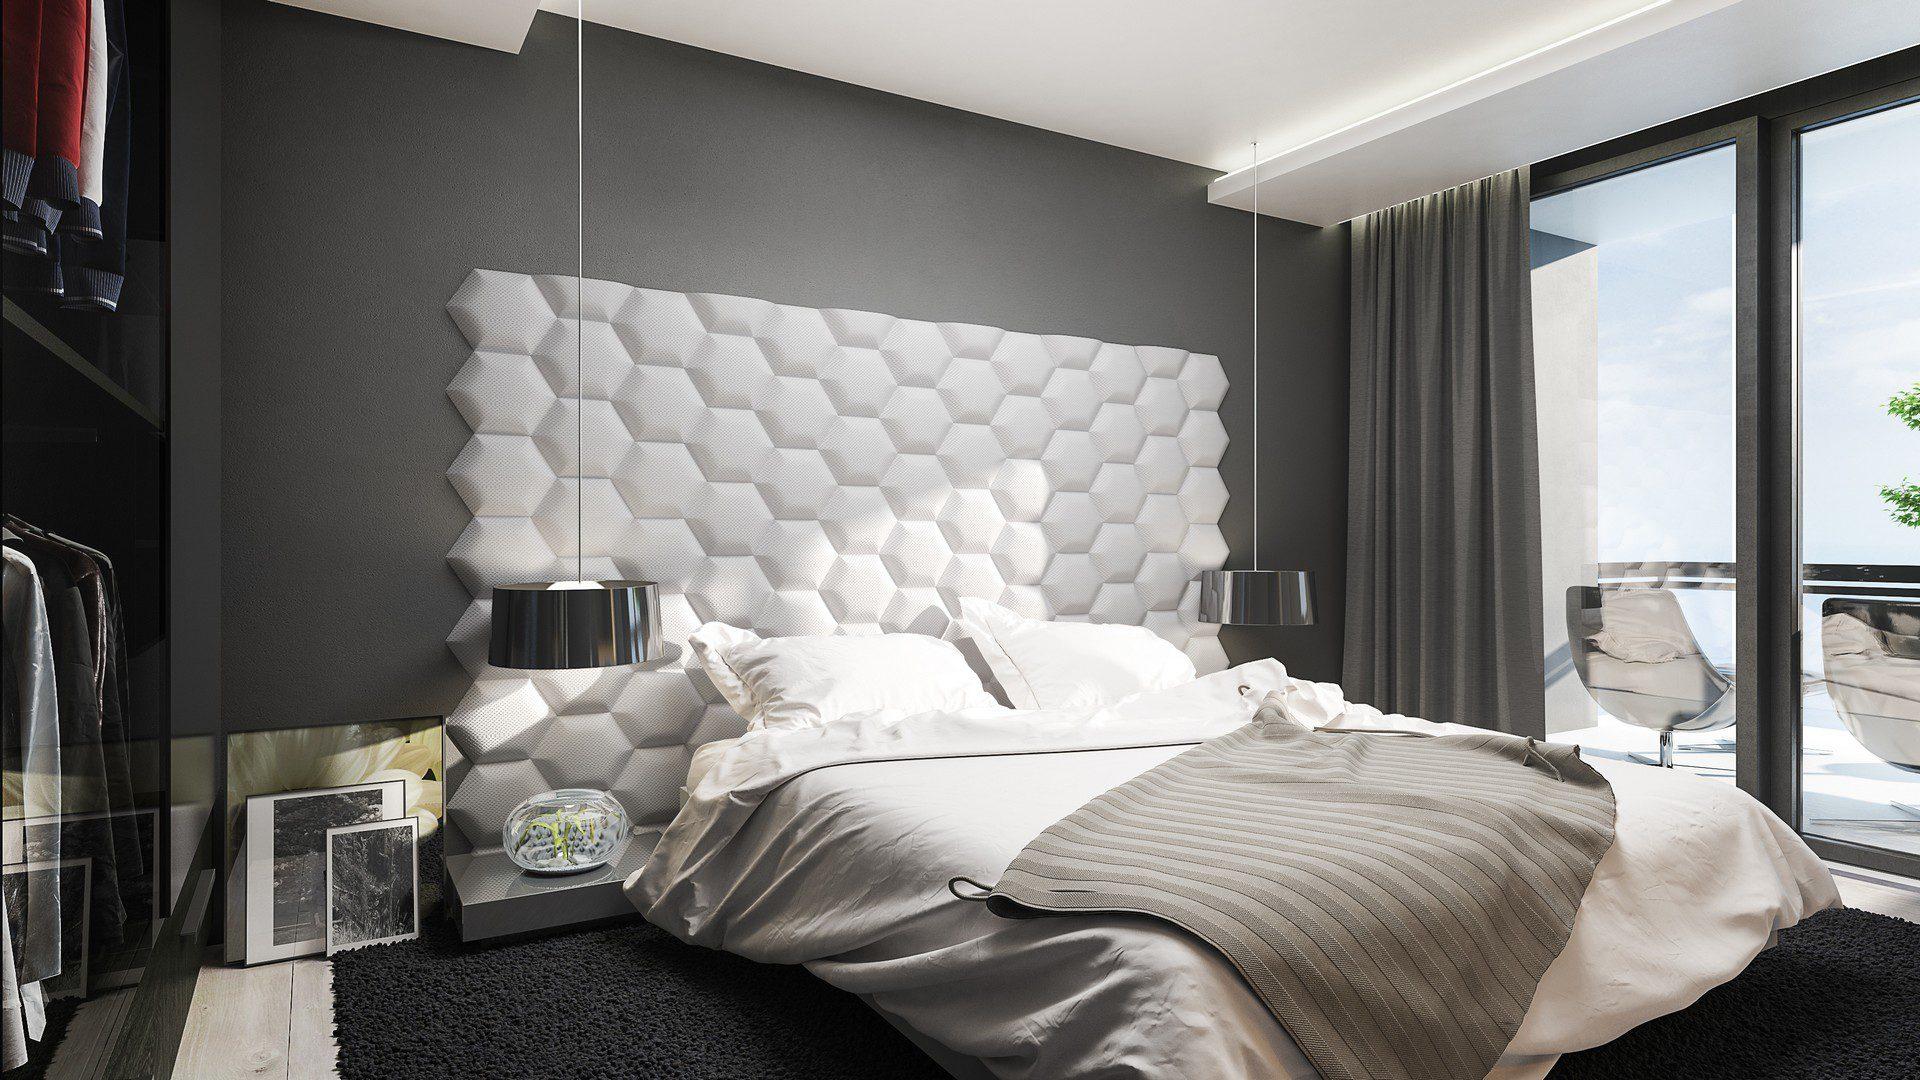 fotorealistyczna wizualizacja architektoniczna nowoczesnej sypialni